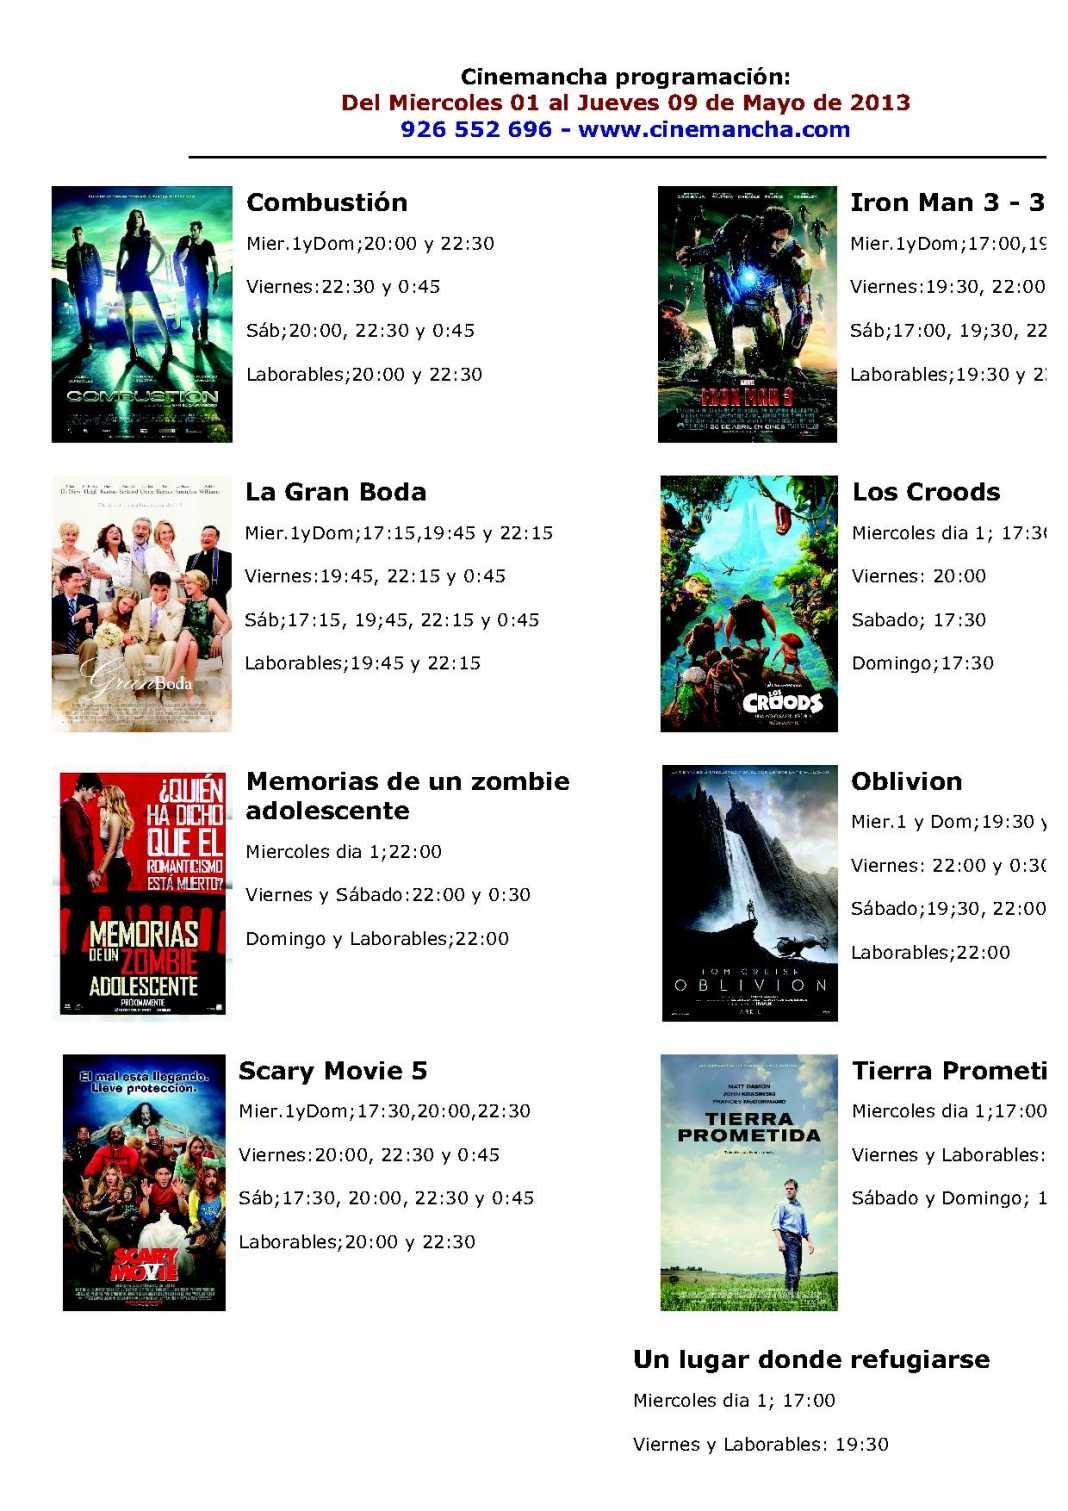 Programación Cinemancha miércoles 1 al 9 de mayo. 1